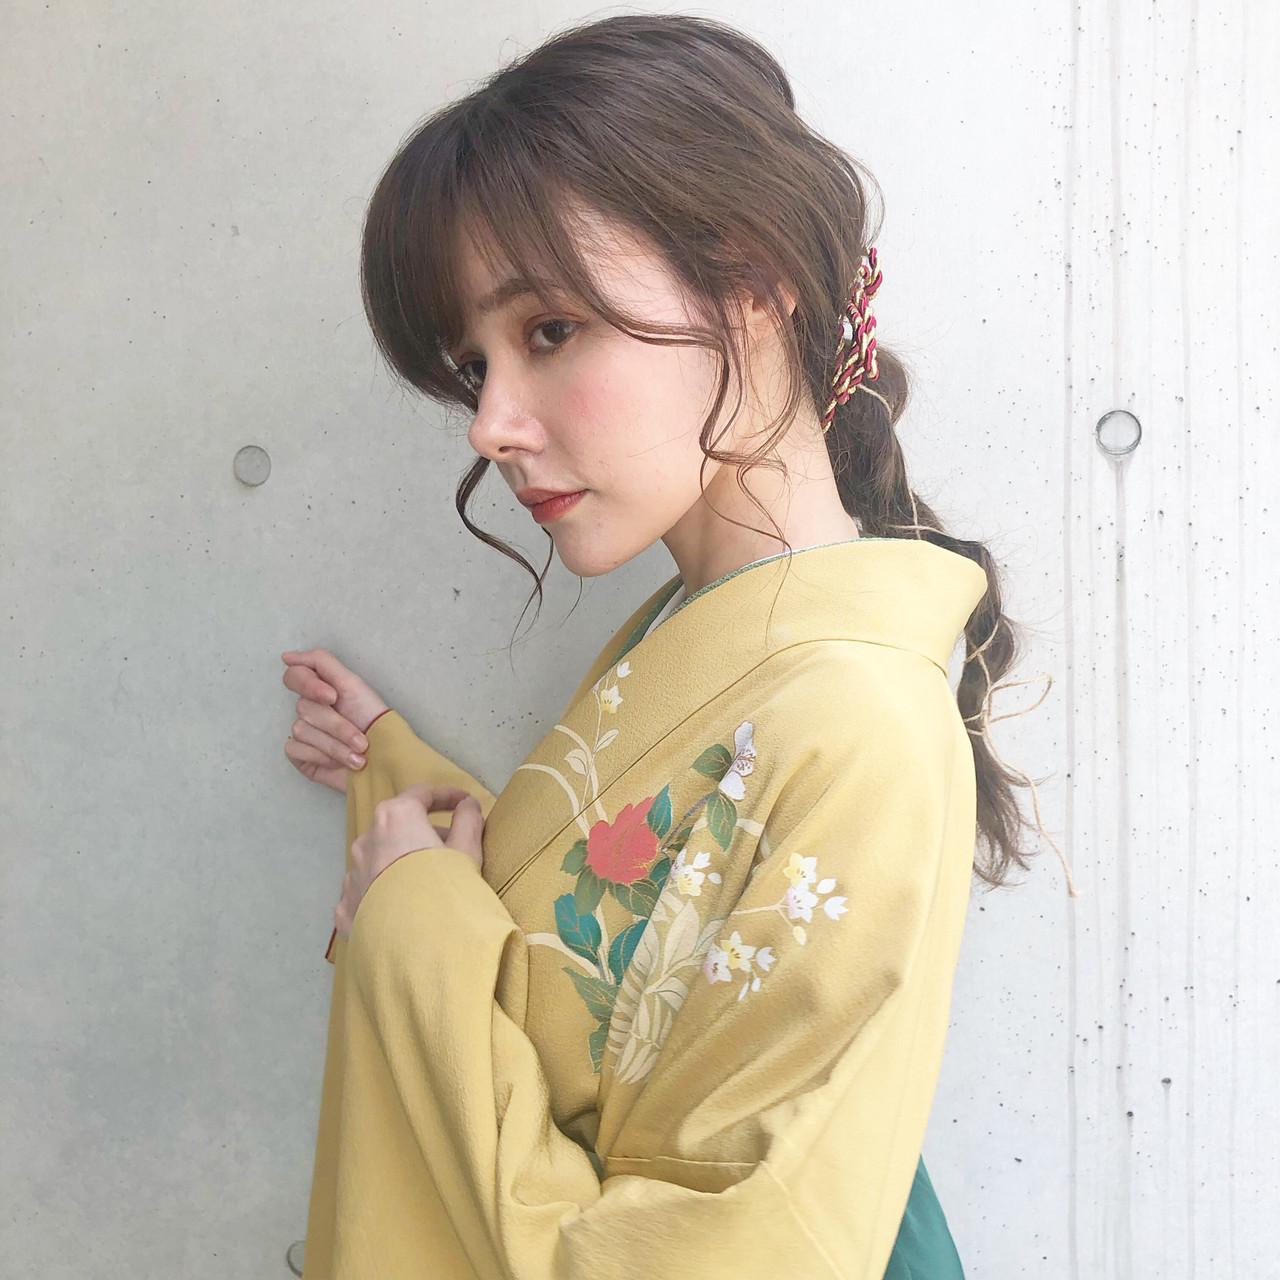 アンニュイ アンニュイほつれヘア ナチュラル ロング ヘアスタイルや髪型の写真・画像 | Shiori Saito / tornado